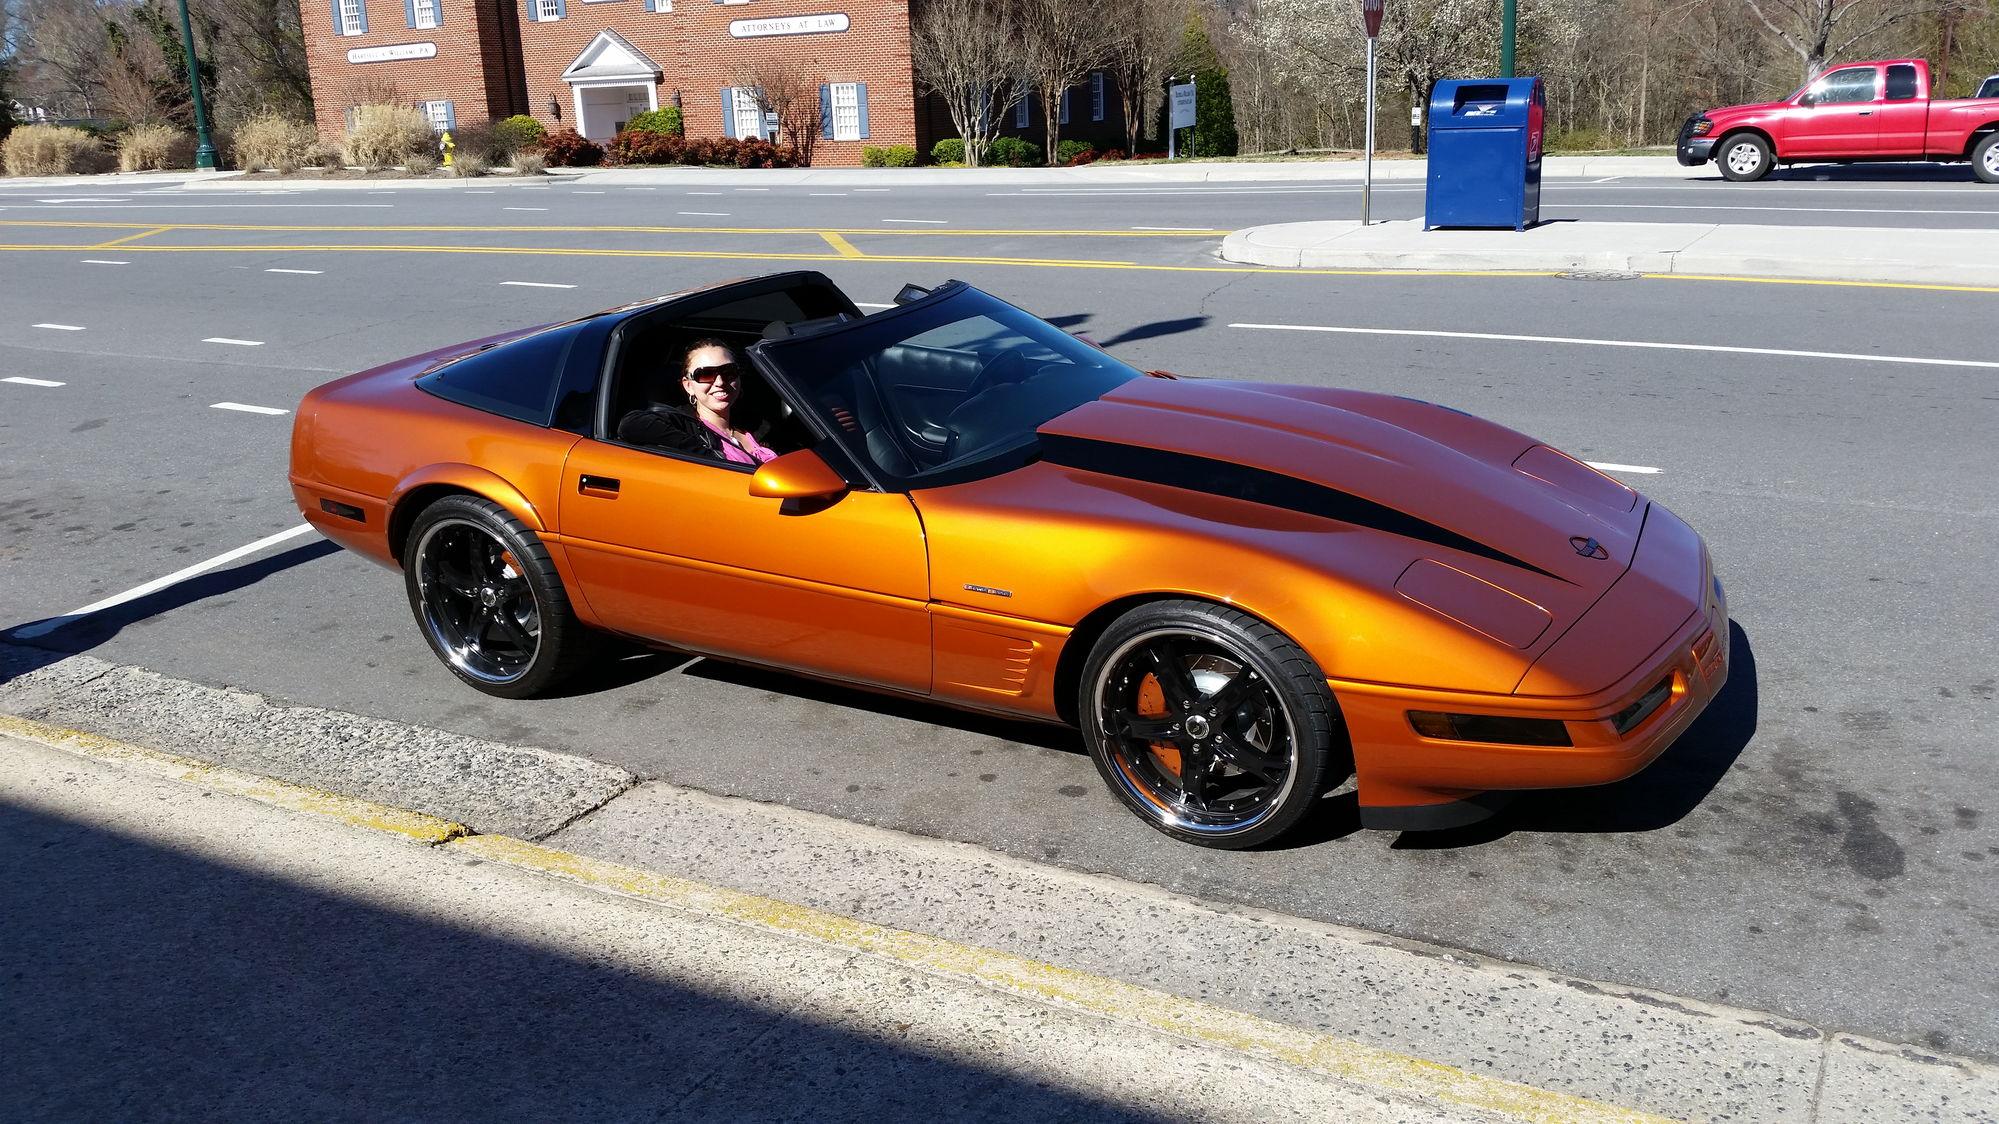 Corvette fender flares